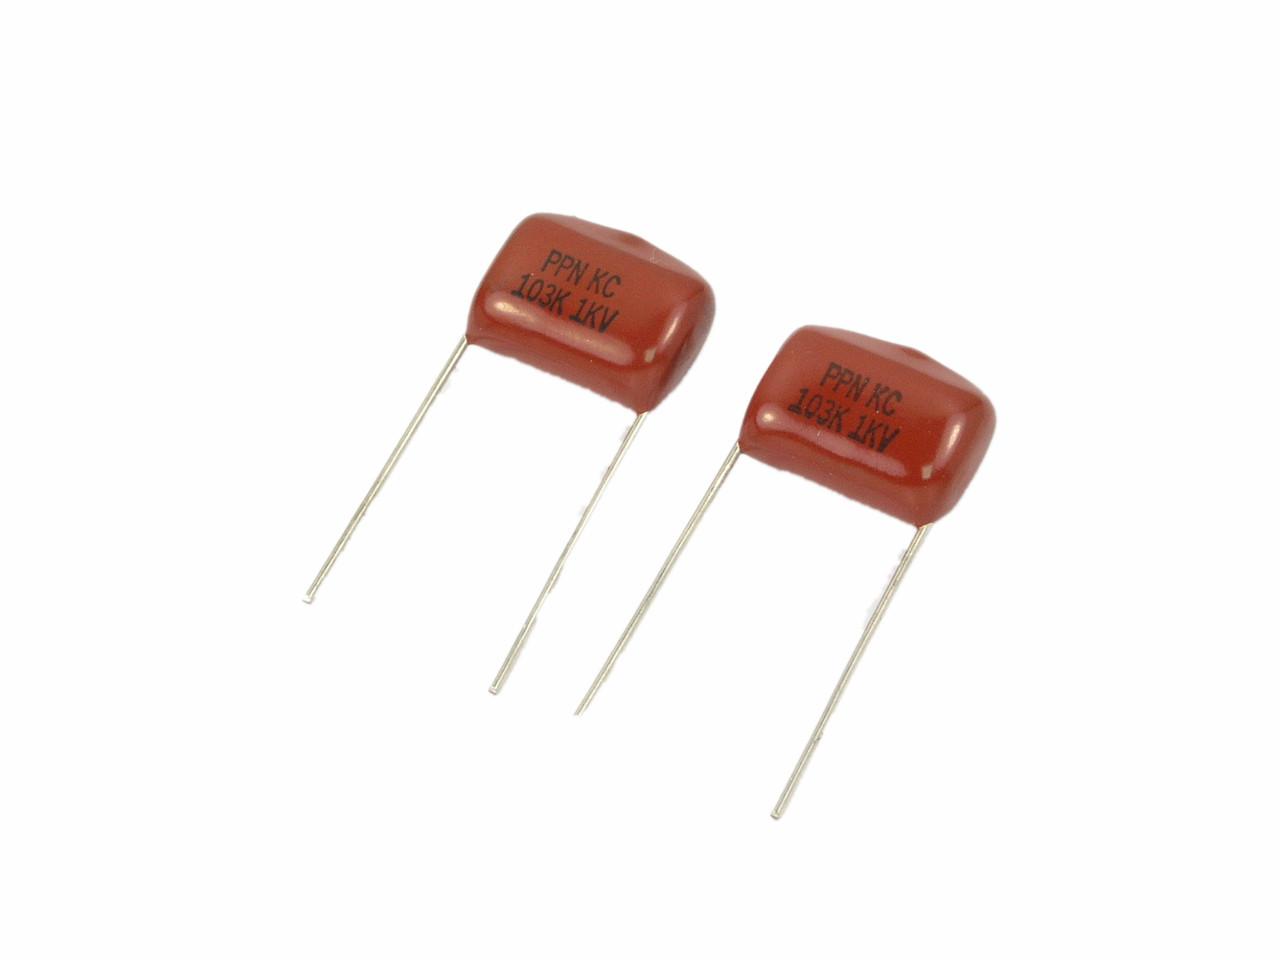 CBB-21 M-Полипропилен 0,1mkf-250 VAC (±10%)  P:10mm